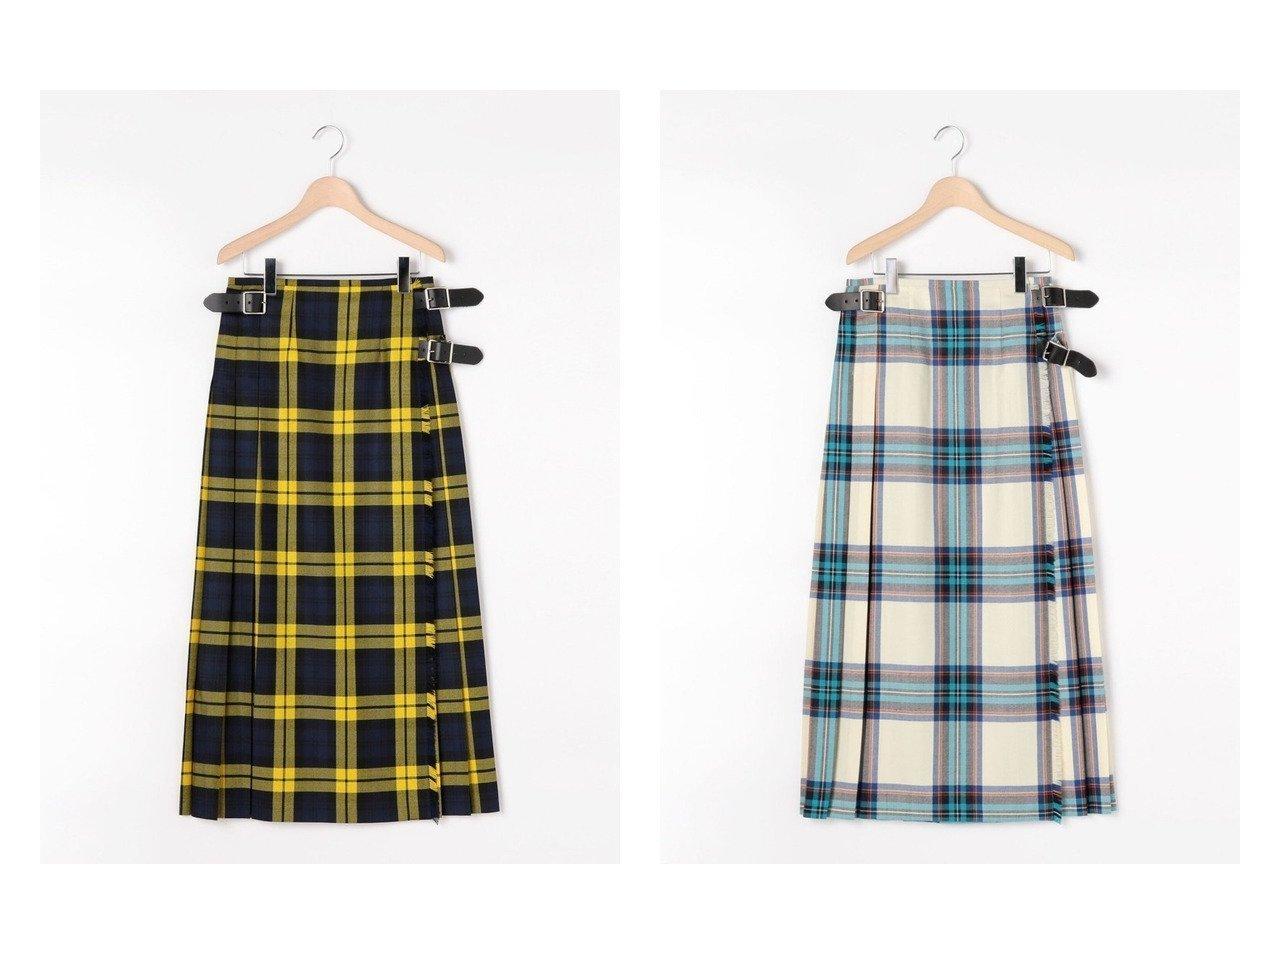 【Bshop/ビショップ】の【O NEIL of DUBLIN】ロングキルトスカート WOMEN スカートのおすすめ!人気、レディースファッションの通販 おすすめで人気のファッション通販商品 インテリア・家具・キッズファッション・メンズファッション・レディースファッション・服の通販 founy(ファニー) https://founy.com/ ファッション Fashion レディース WOMEN スカート Skirt プリーツスカート Pleated Skirts イエロー キルト ギャザー クラシカル 定番 人気 プリーツ ルーズ ロング |ID:crp329100000002721